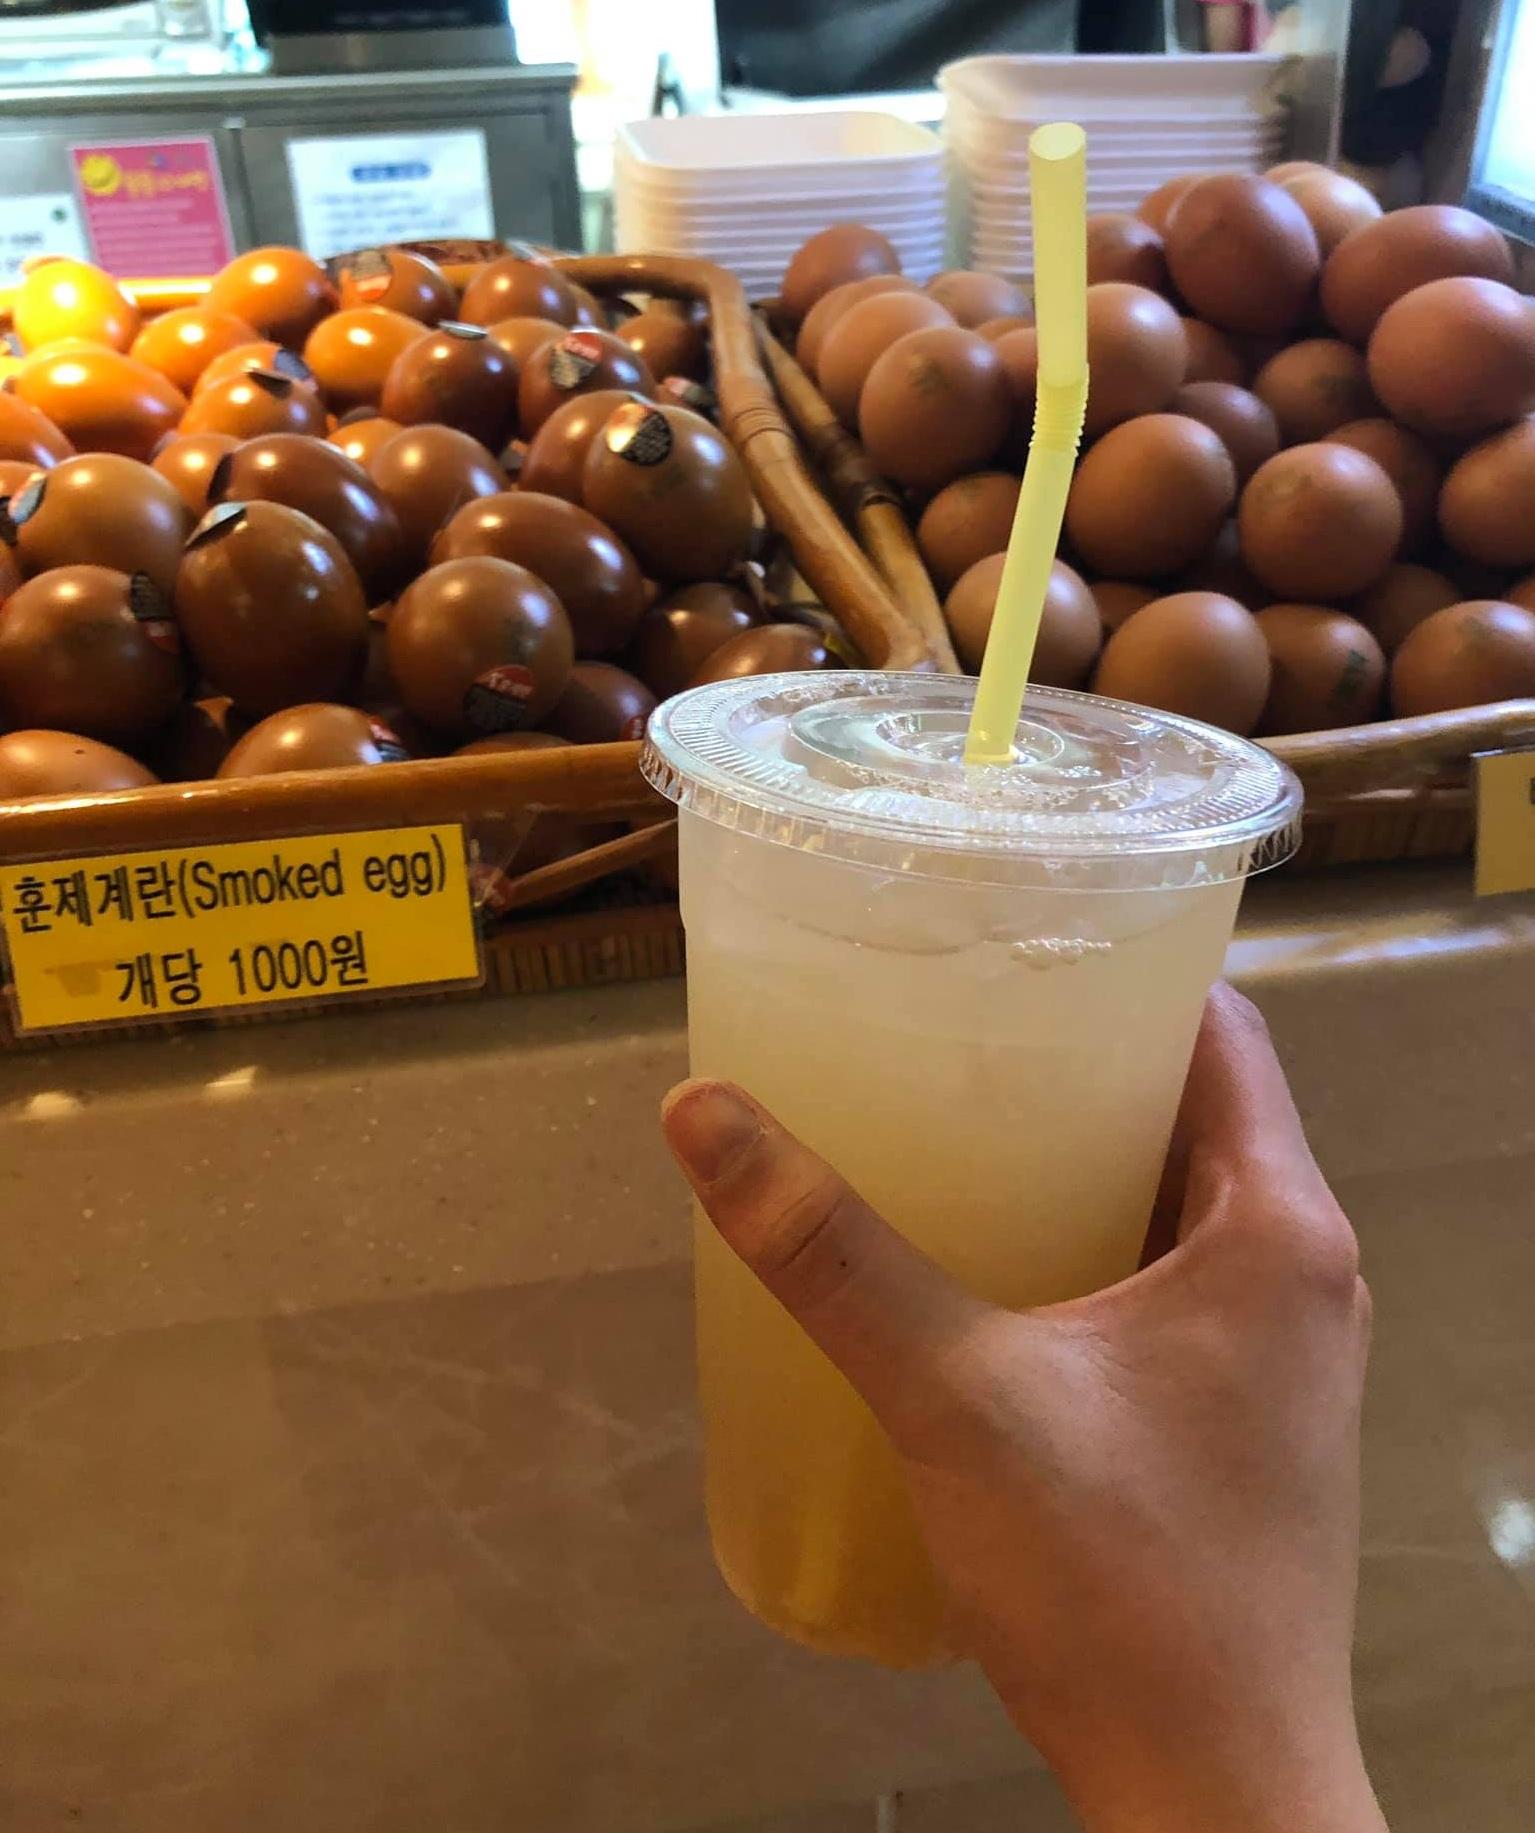 Tắm nước nóng, xông hơi ở Hàn Quốc thường ăn trứng luộc và uống nước gạo